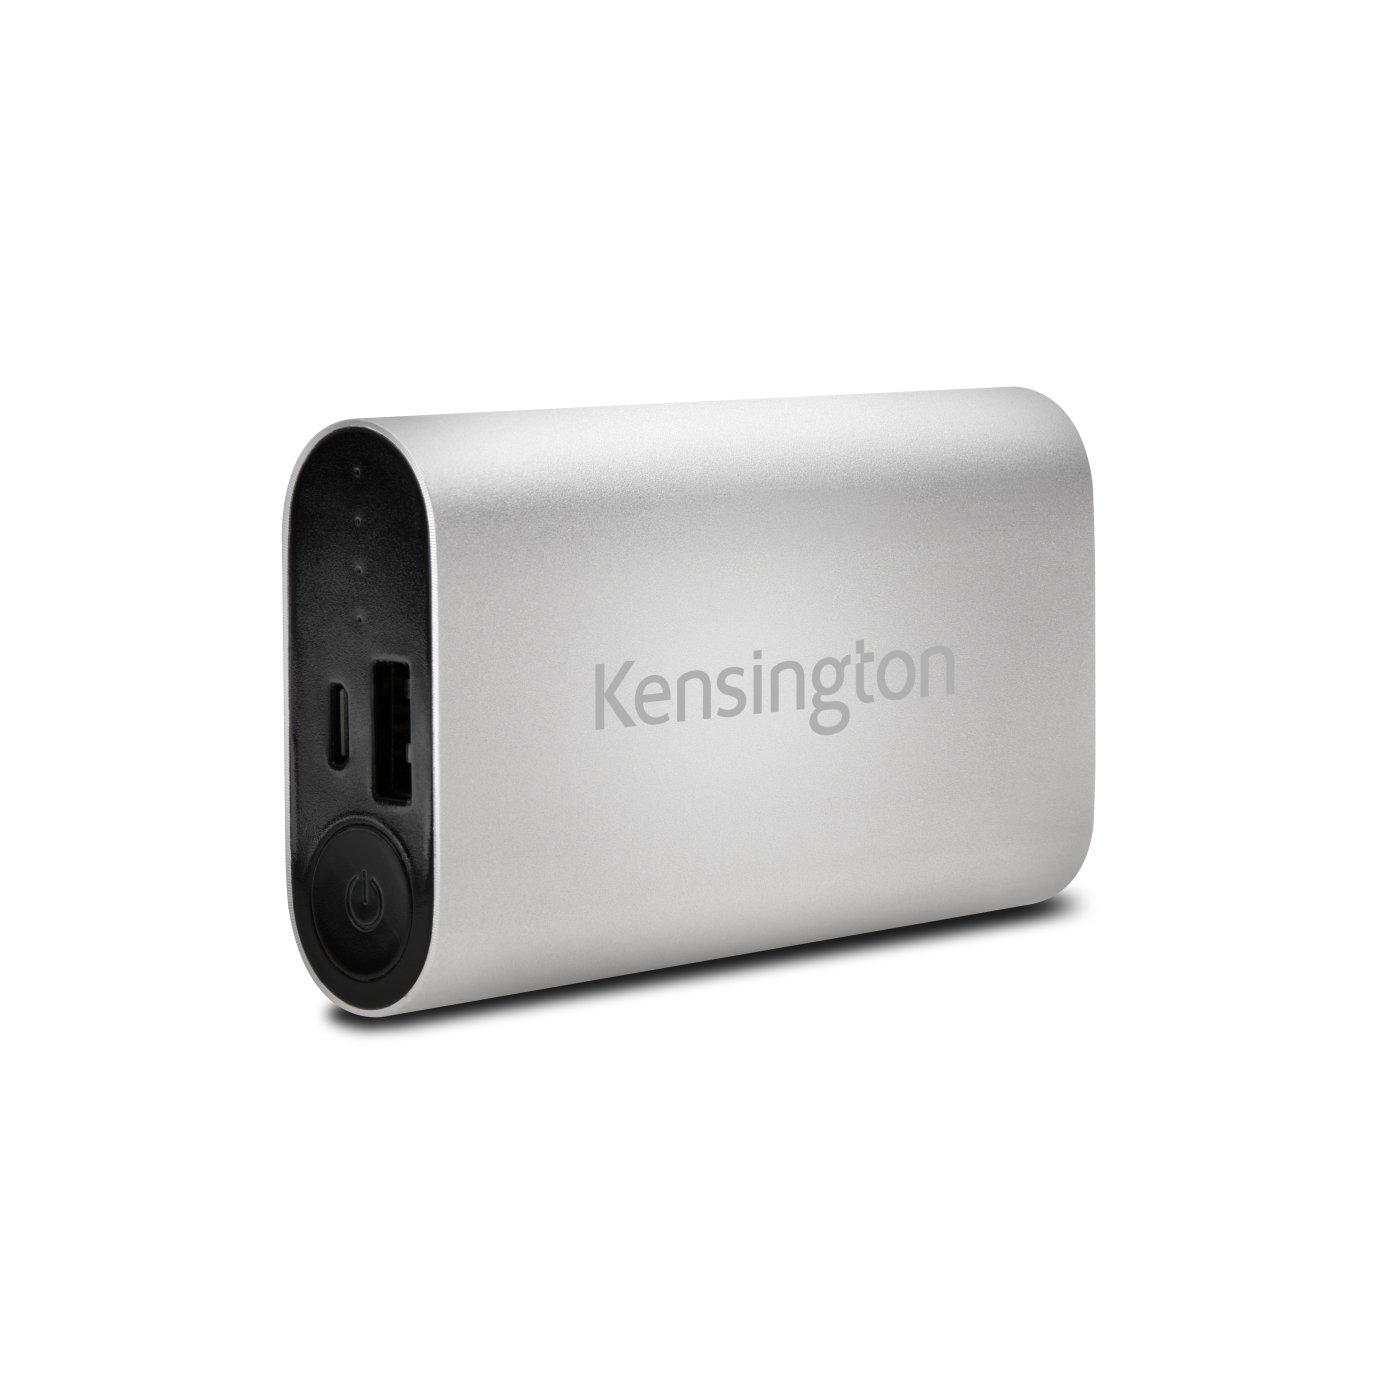 KENSINGTON Power Bank 5200 mah